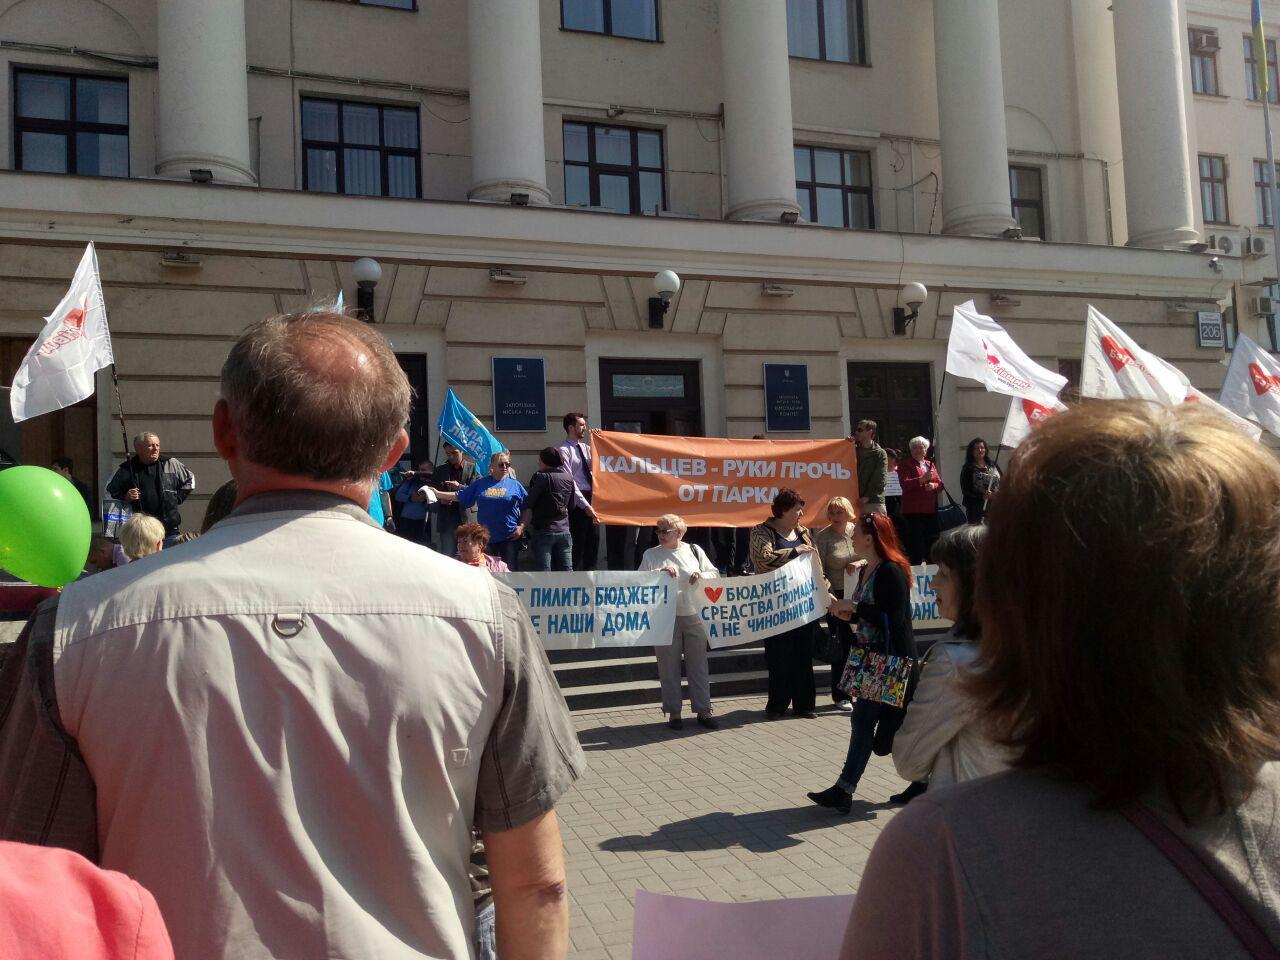 Драки, автобусы и бомжи: как в Запорожье проходит скандальный митинг-протест – ФОТО, ВИДЕО